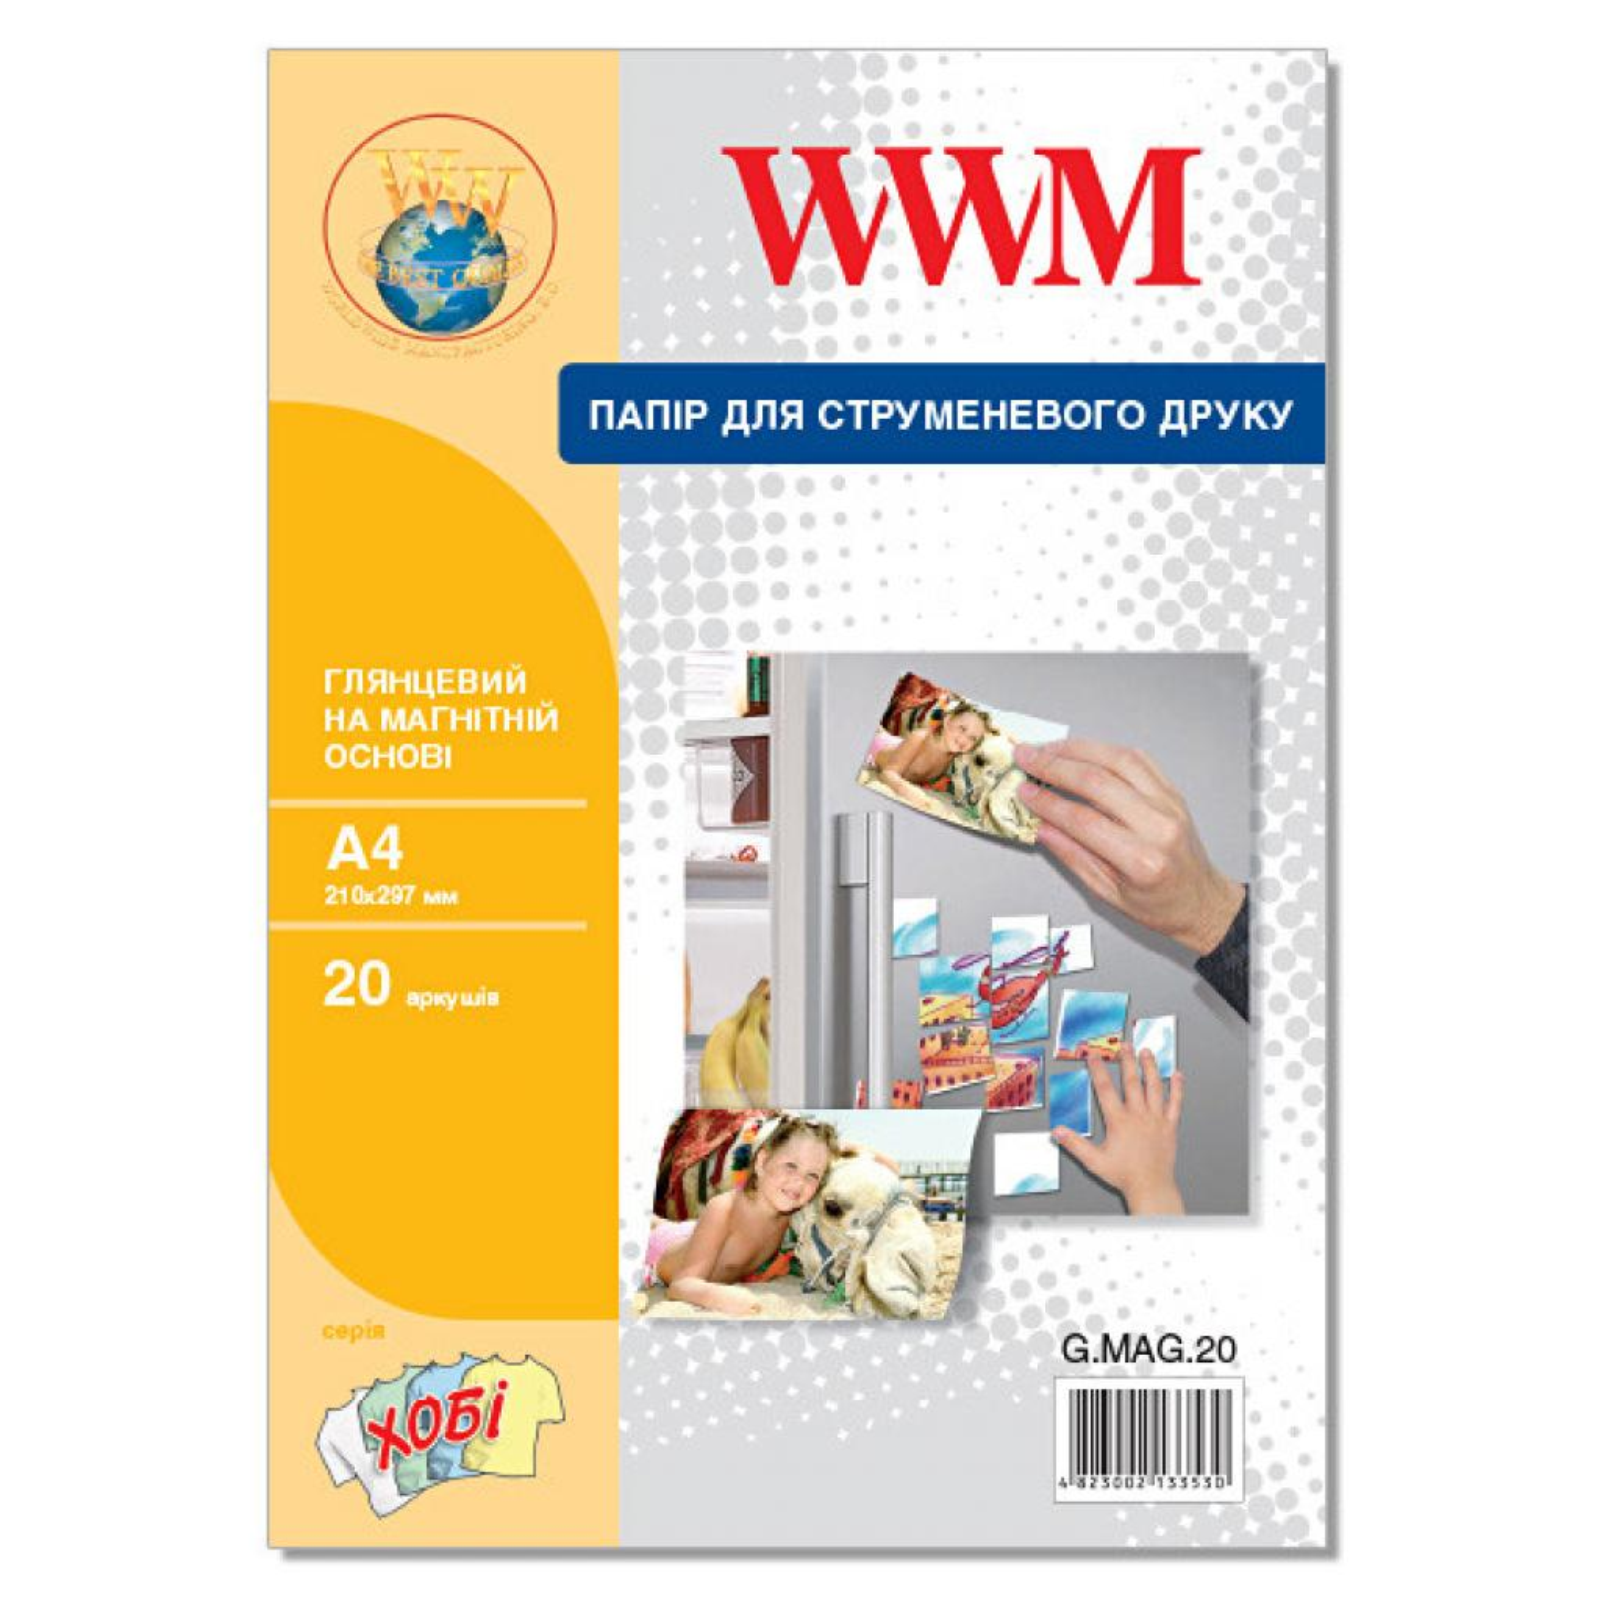 Бумага WWM A4 magnetic, glossy, 20л (G.MAG.20)